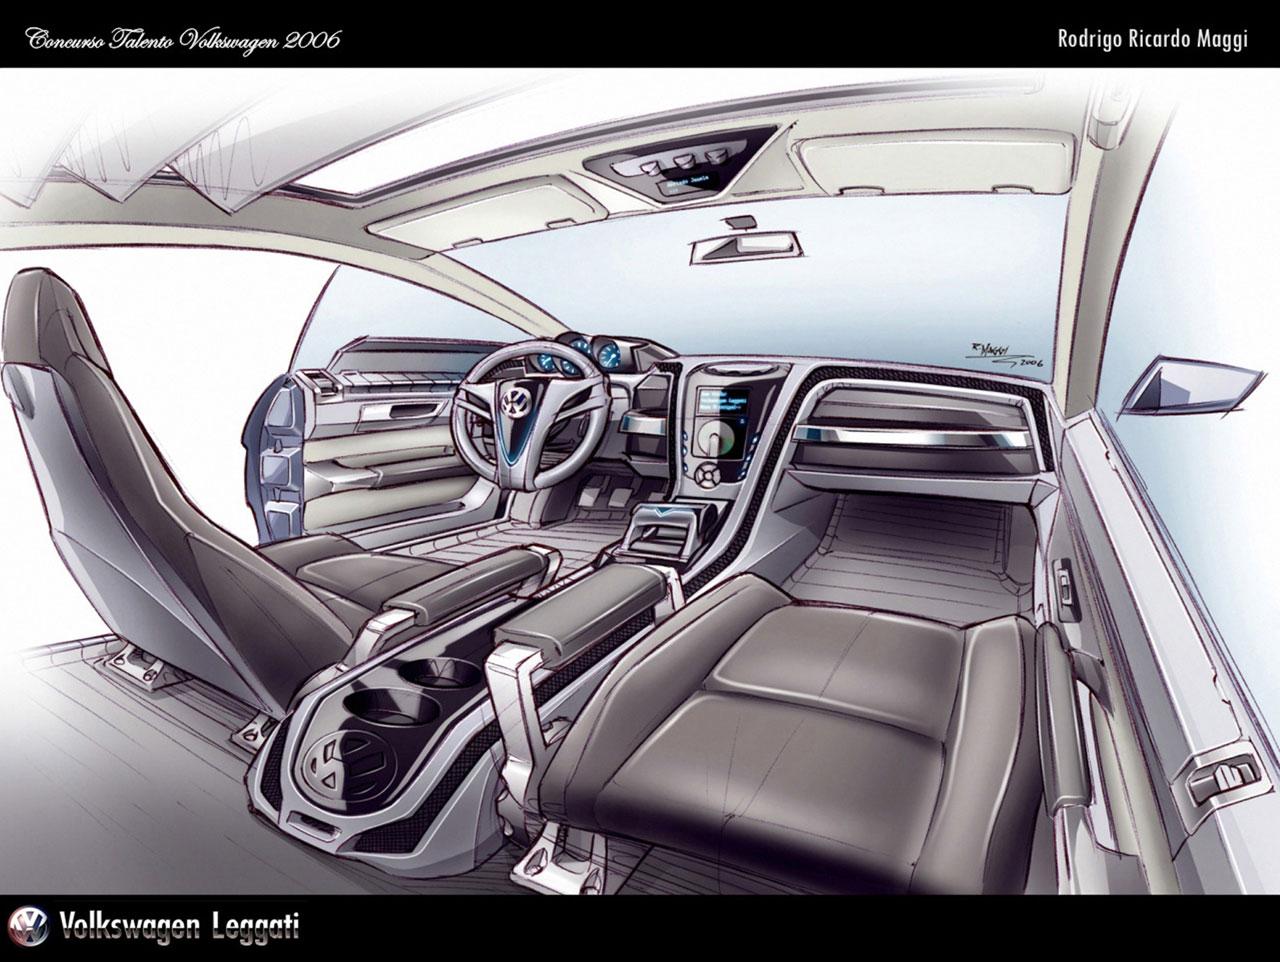 Vw Interior Sketch By Rodrigo Maggi Car Body Design